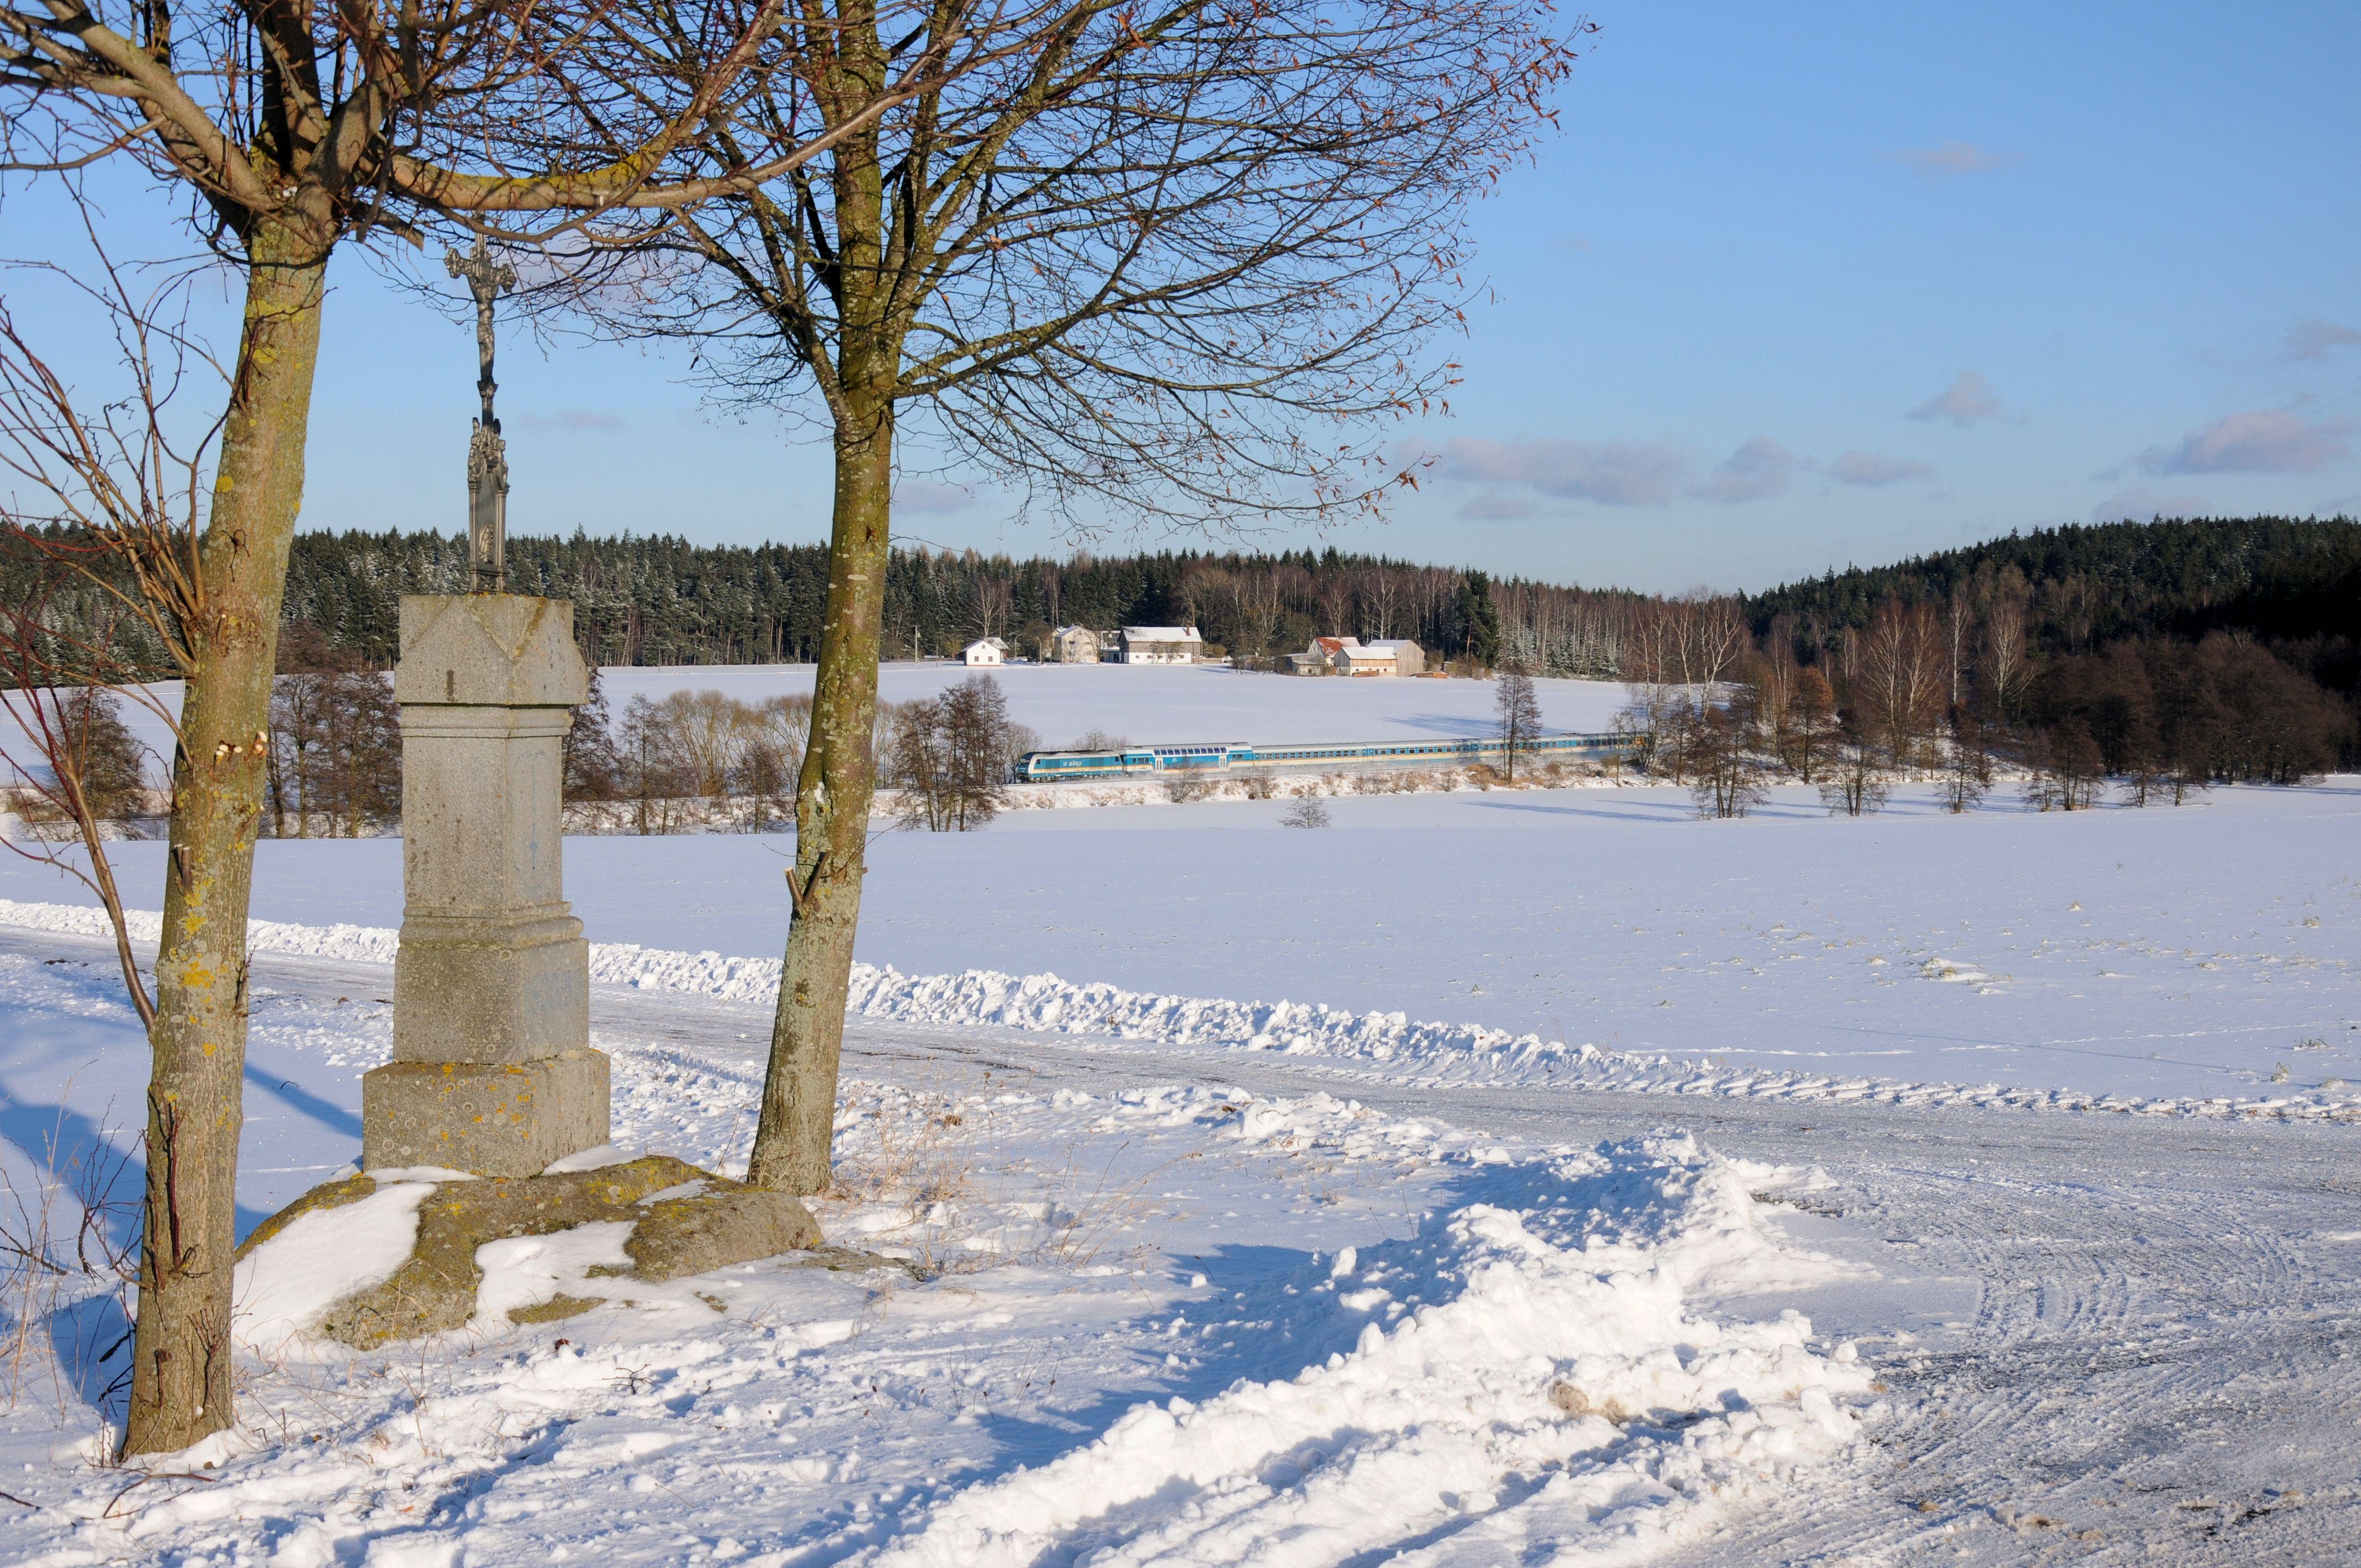 Danach fuhren wir nochmals zum Escheldorfer Teich, Valera hatte die Idee, das Marterl welches am Wegesrand stand, mit dem ALX84115 umzusetzen.